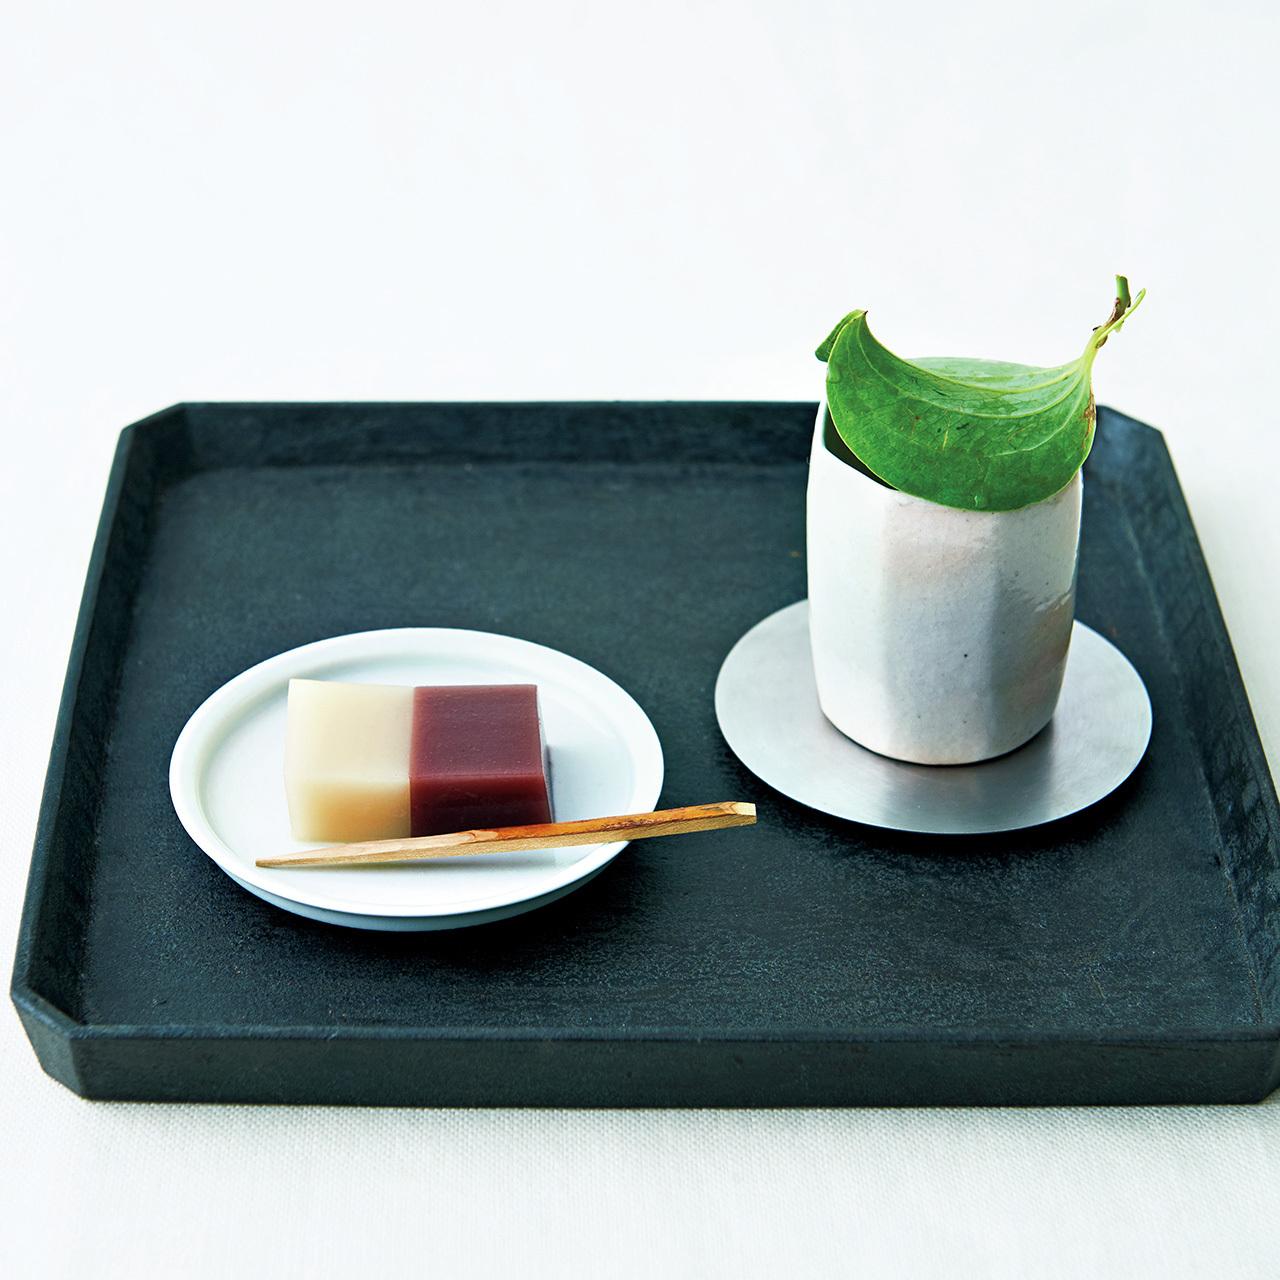 和菓子とTeaで、午後のおもてなし 五選_1_1-4